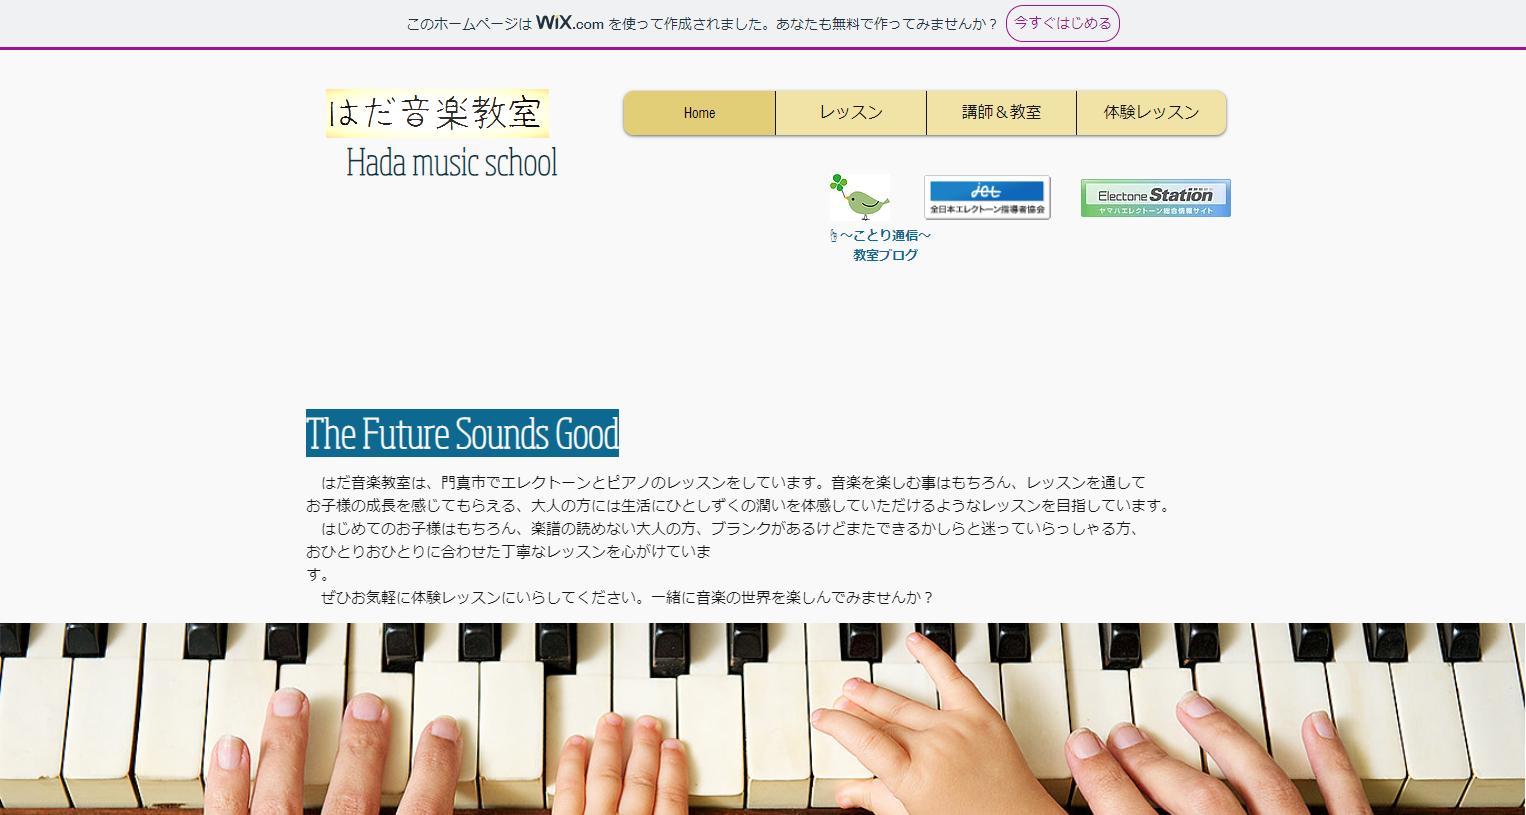 はだ音楽教室のサムネイル